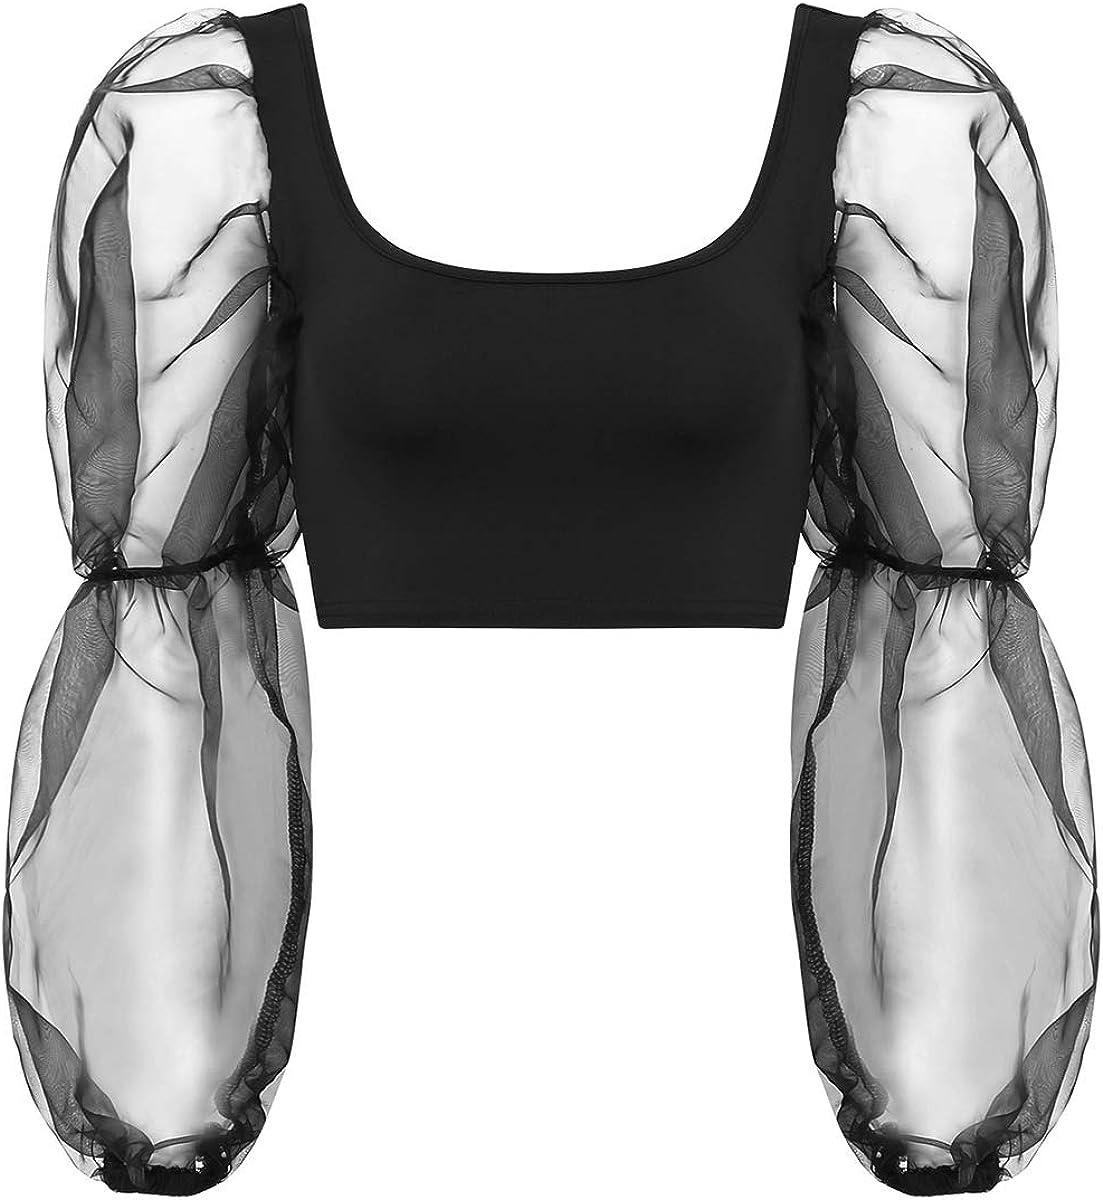 dPois Femme Haut de Danse Crop Top Dance Ballet Paillettes Camisole de Sport Brassi/ère Gymnastique D/ébardeur Court Soutien-Gorge Sport Blouse Costume Tenue Sportswear S-XL